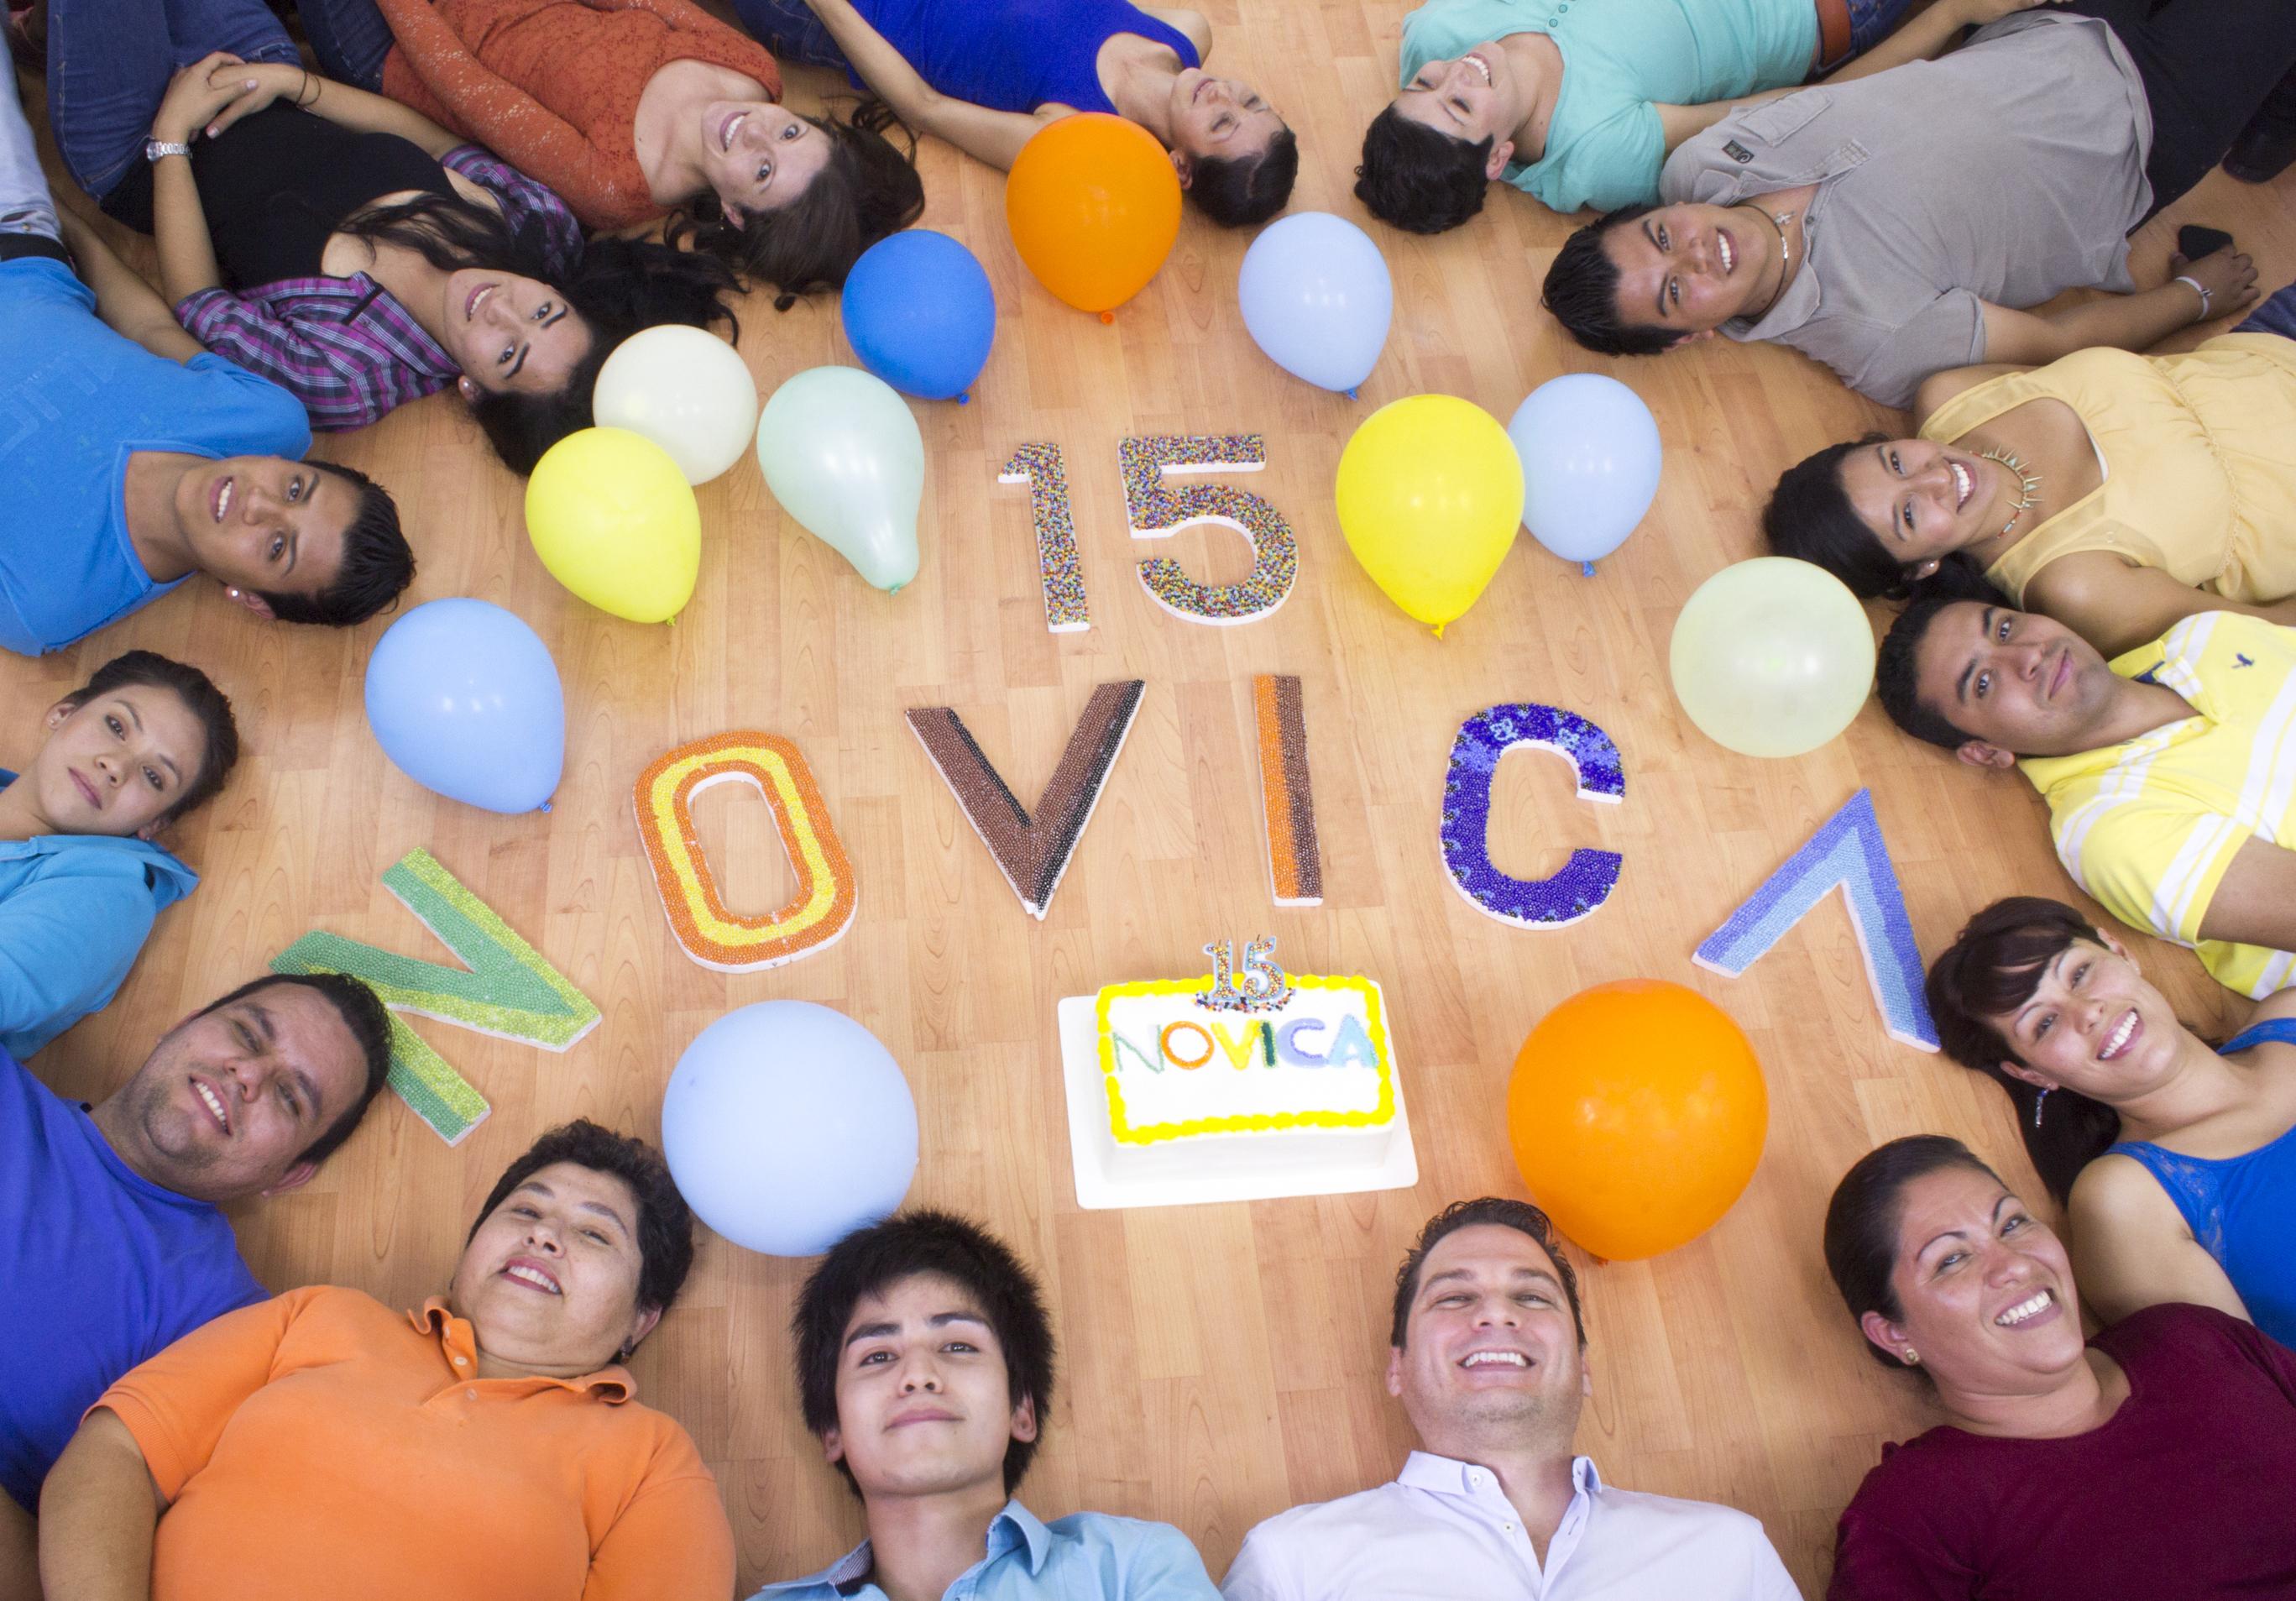 NOVICA Mexico Team